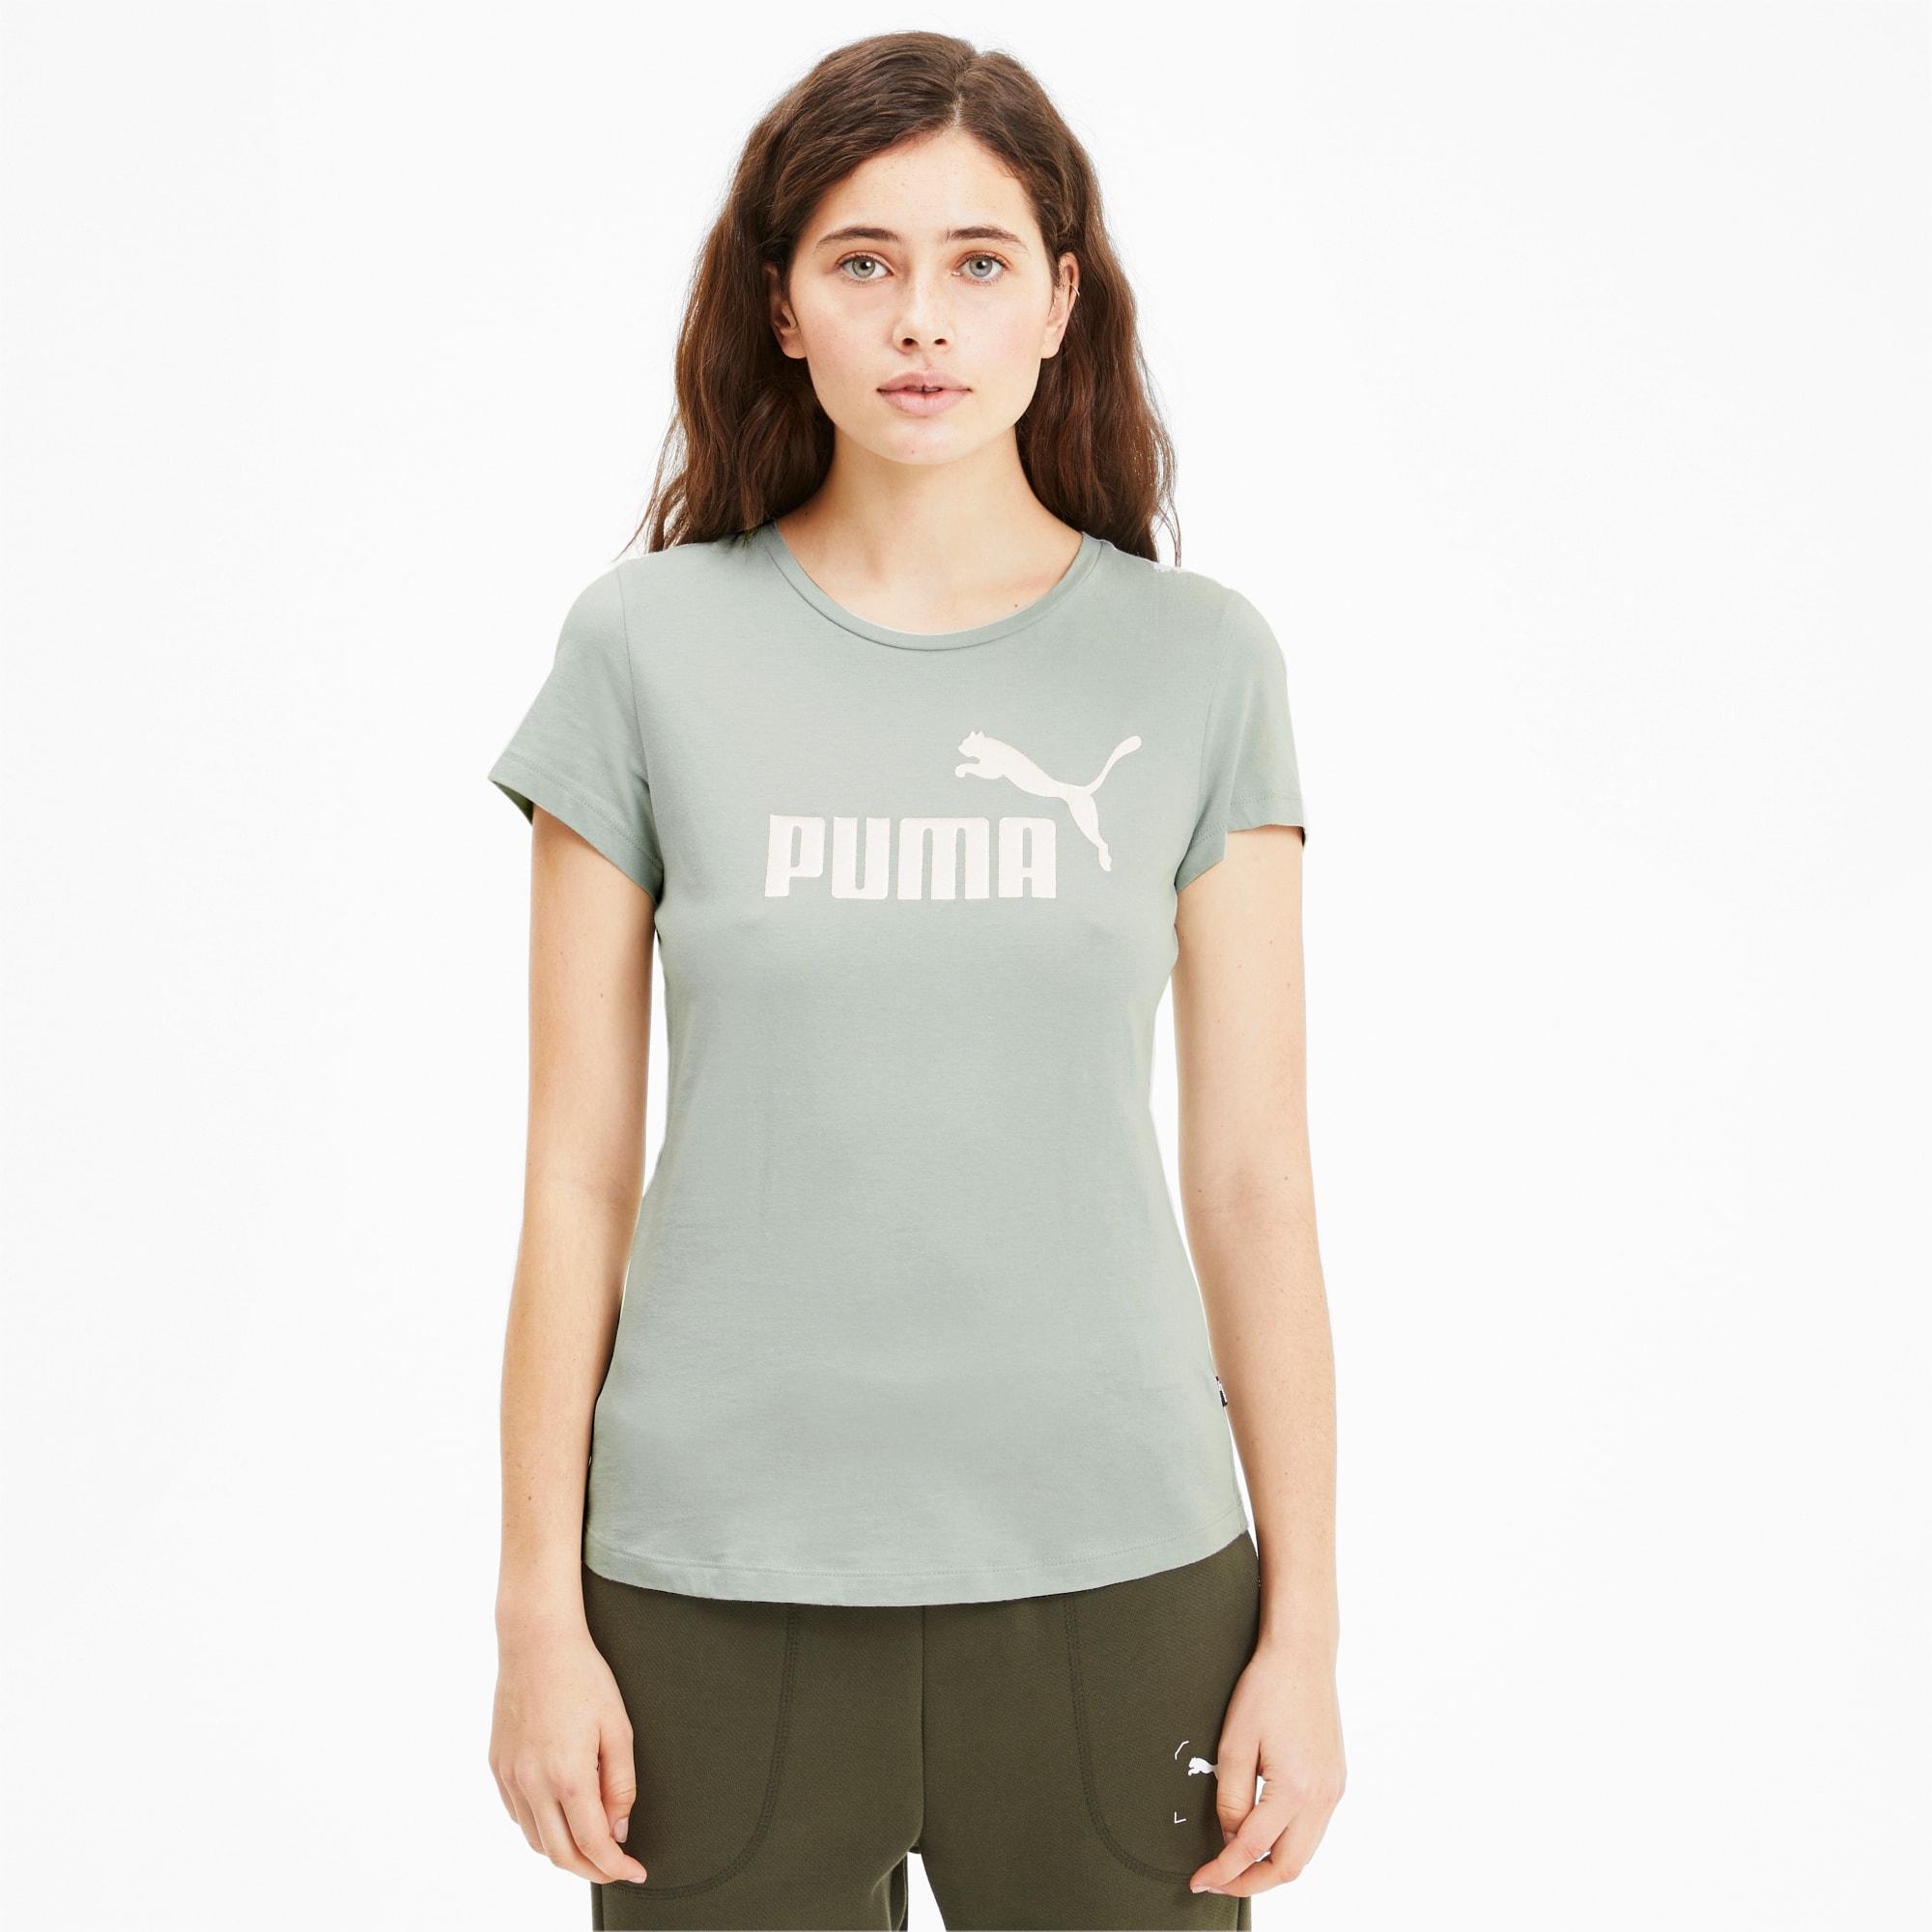 puma Essentials+ Metallic T-shirt voor Dames, GrijsL